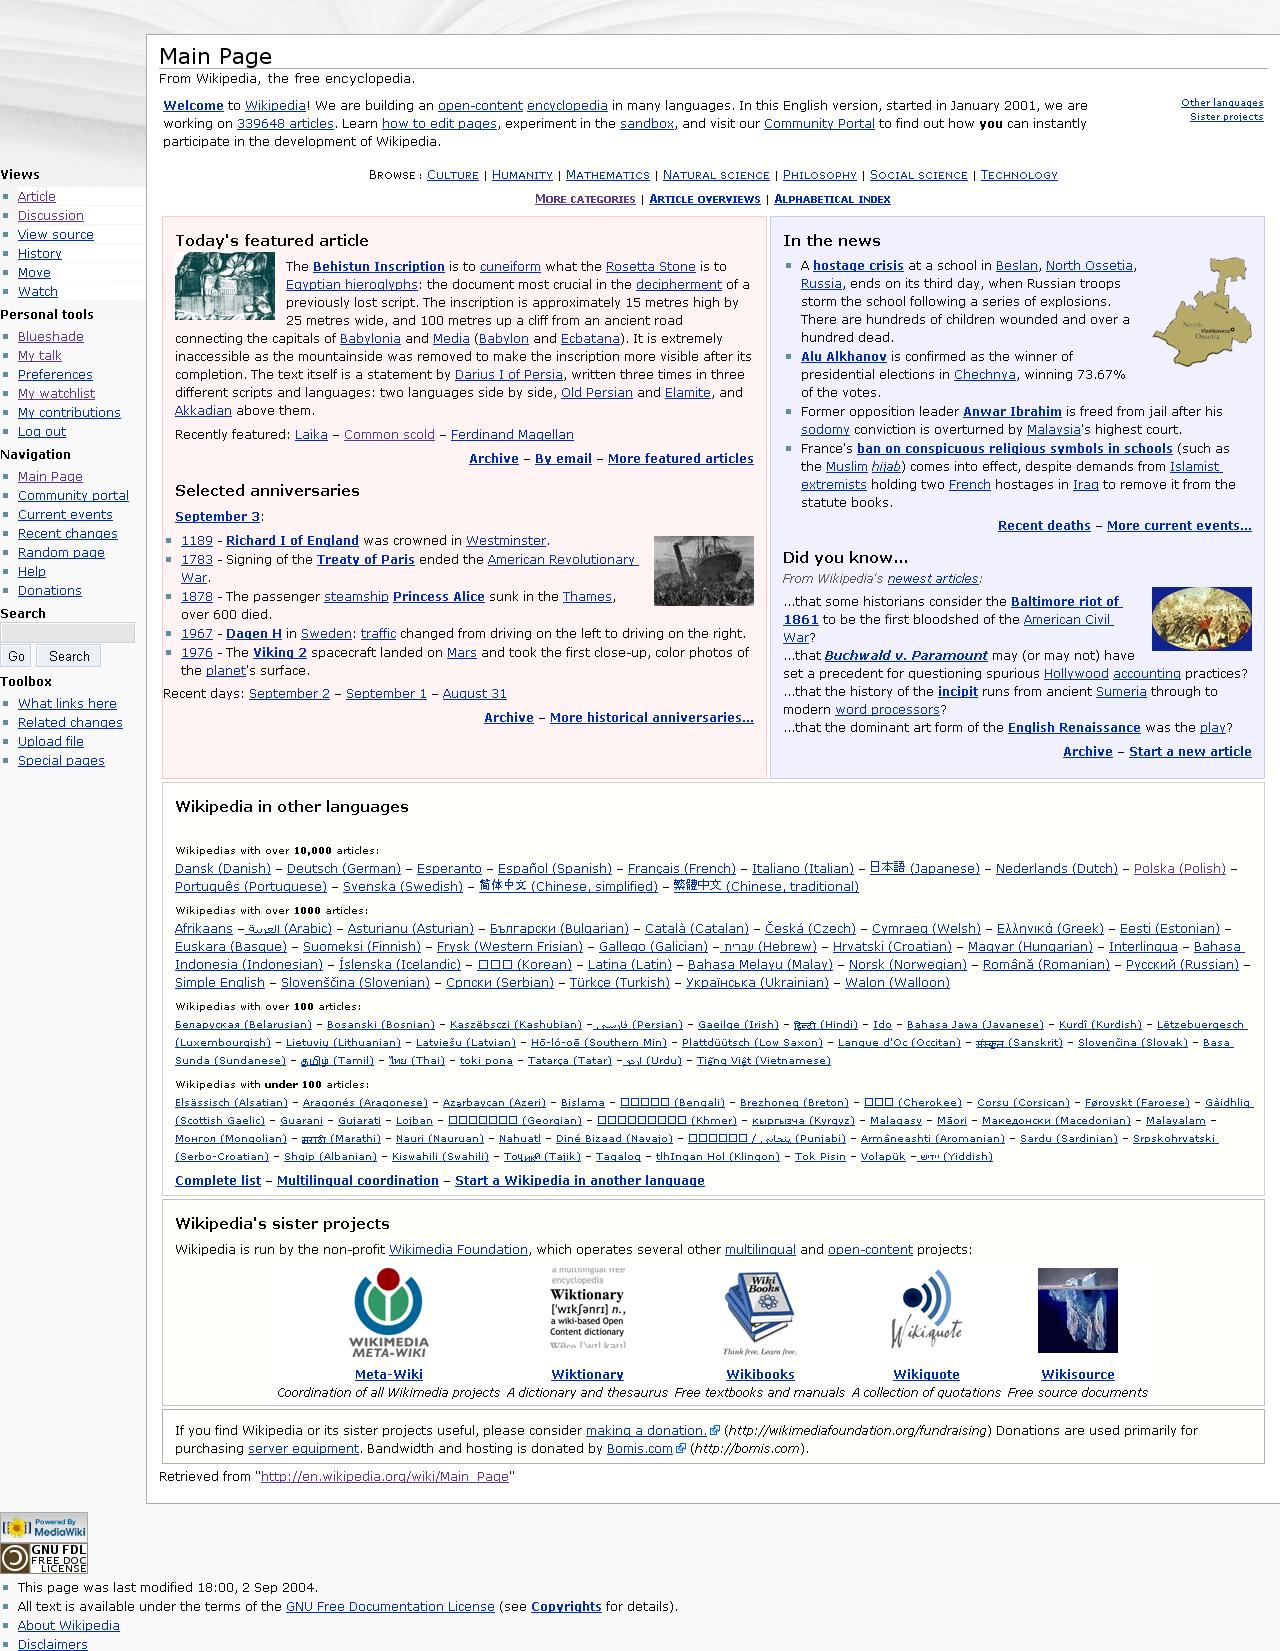 En wikipedia or - Armenian Genocide - Wikipedia info site All ...